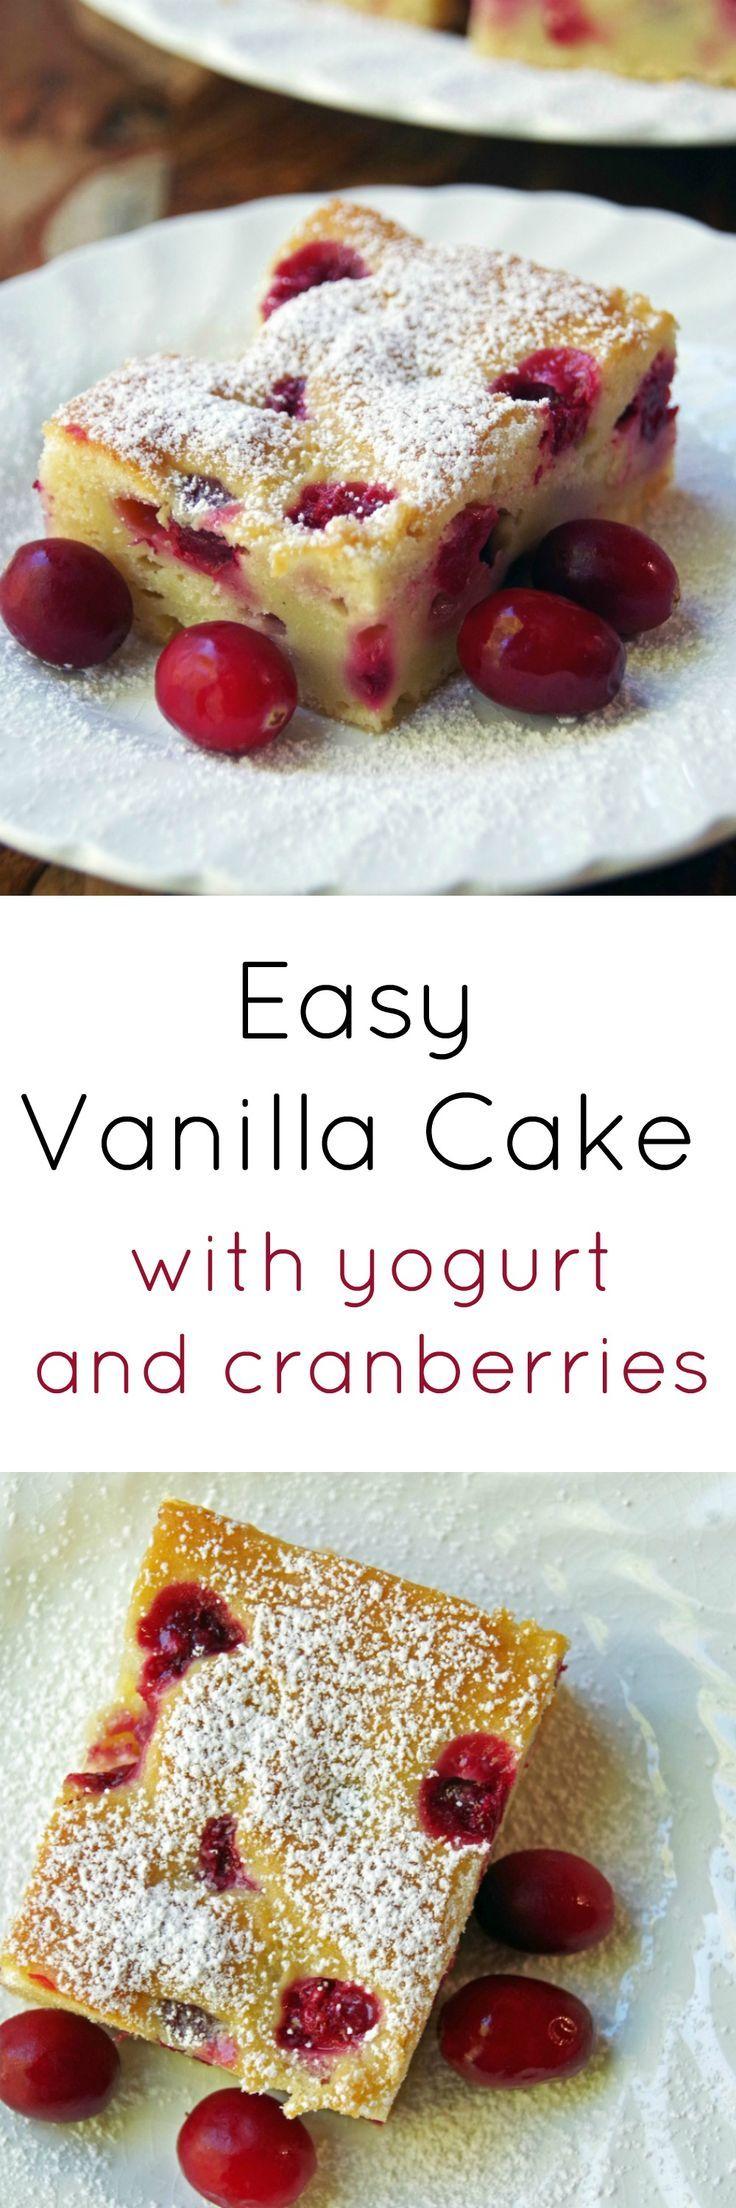 Easy Vanilla Cake Recipe with Greek Yogurt and Cranberries 9x13 with Vanilla Cake Mix & fresh Berries.